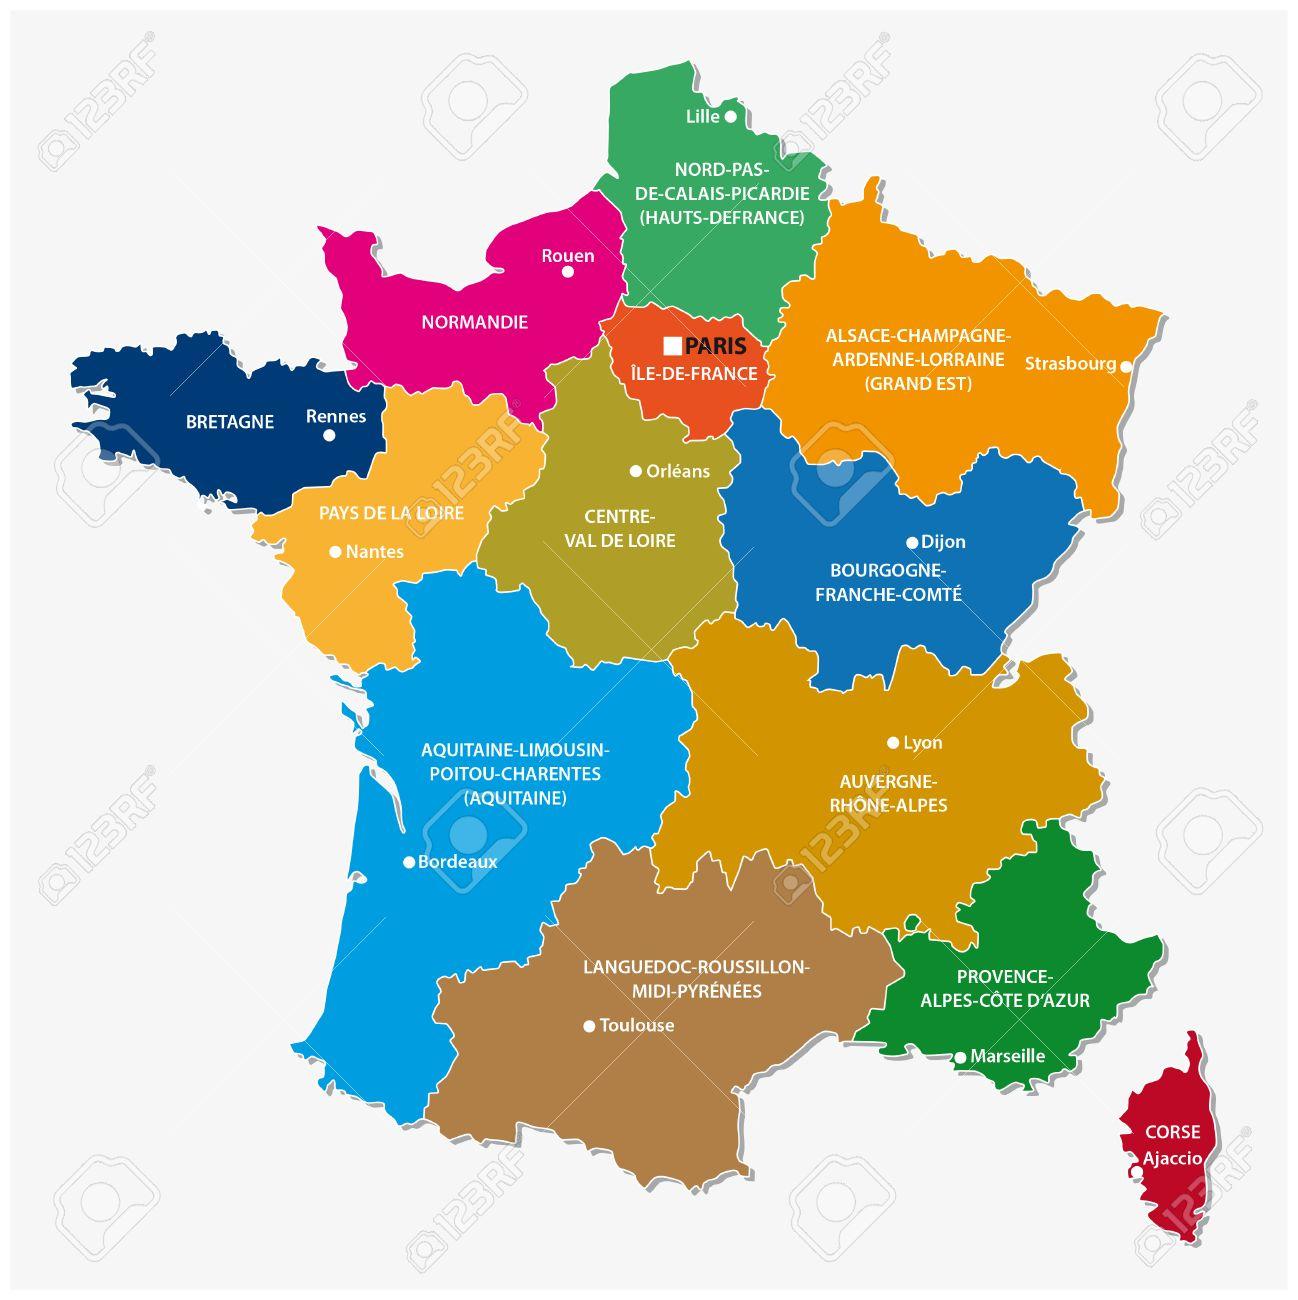 The New Regions Of France Since Map pour Carte De France Nouvelle Region